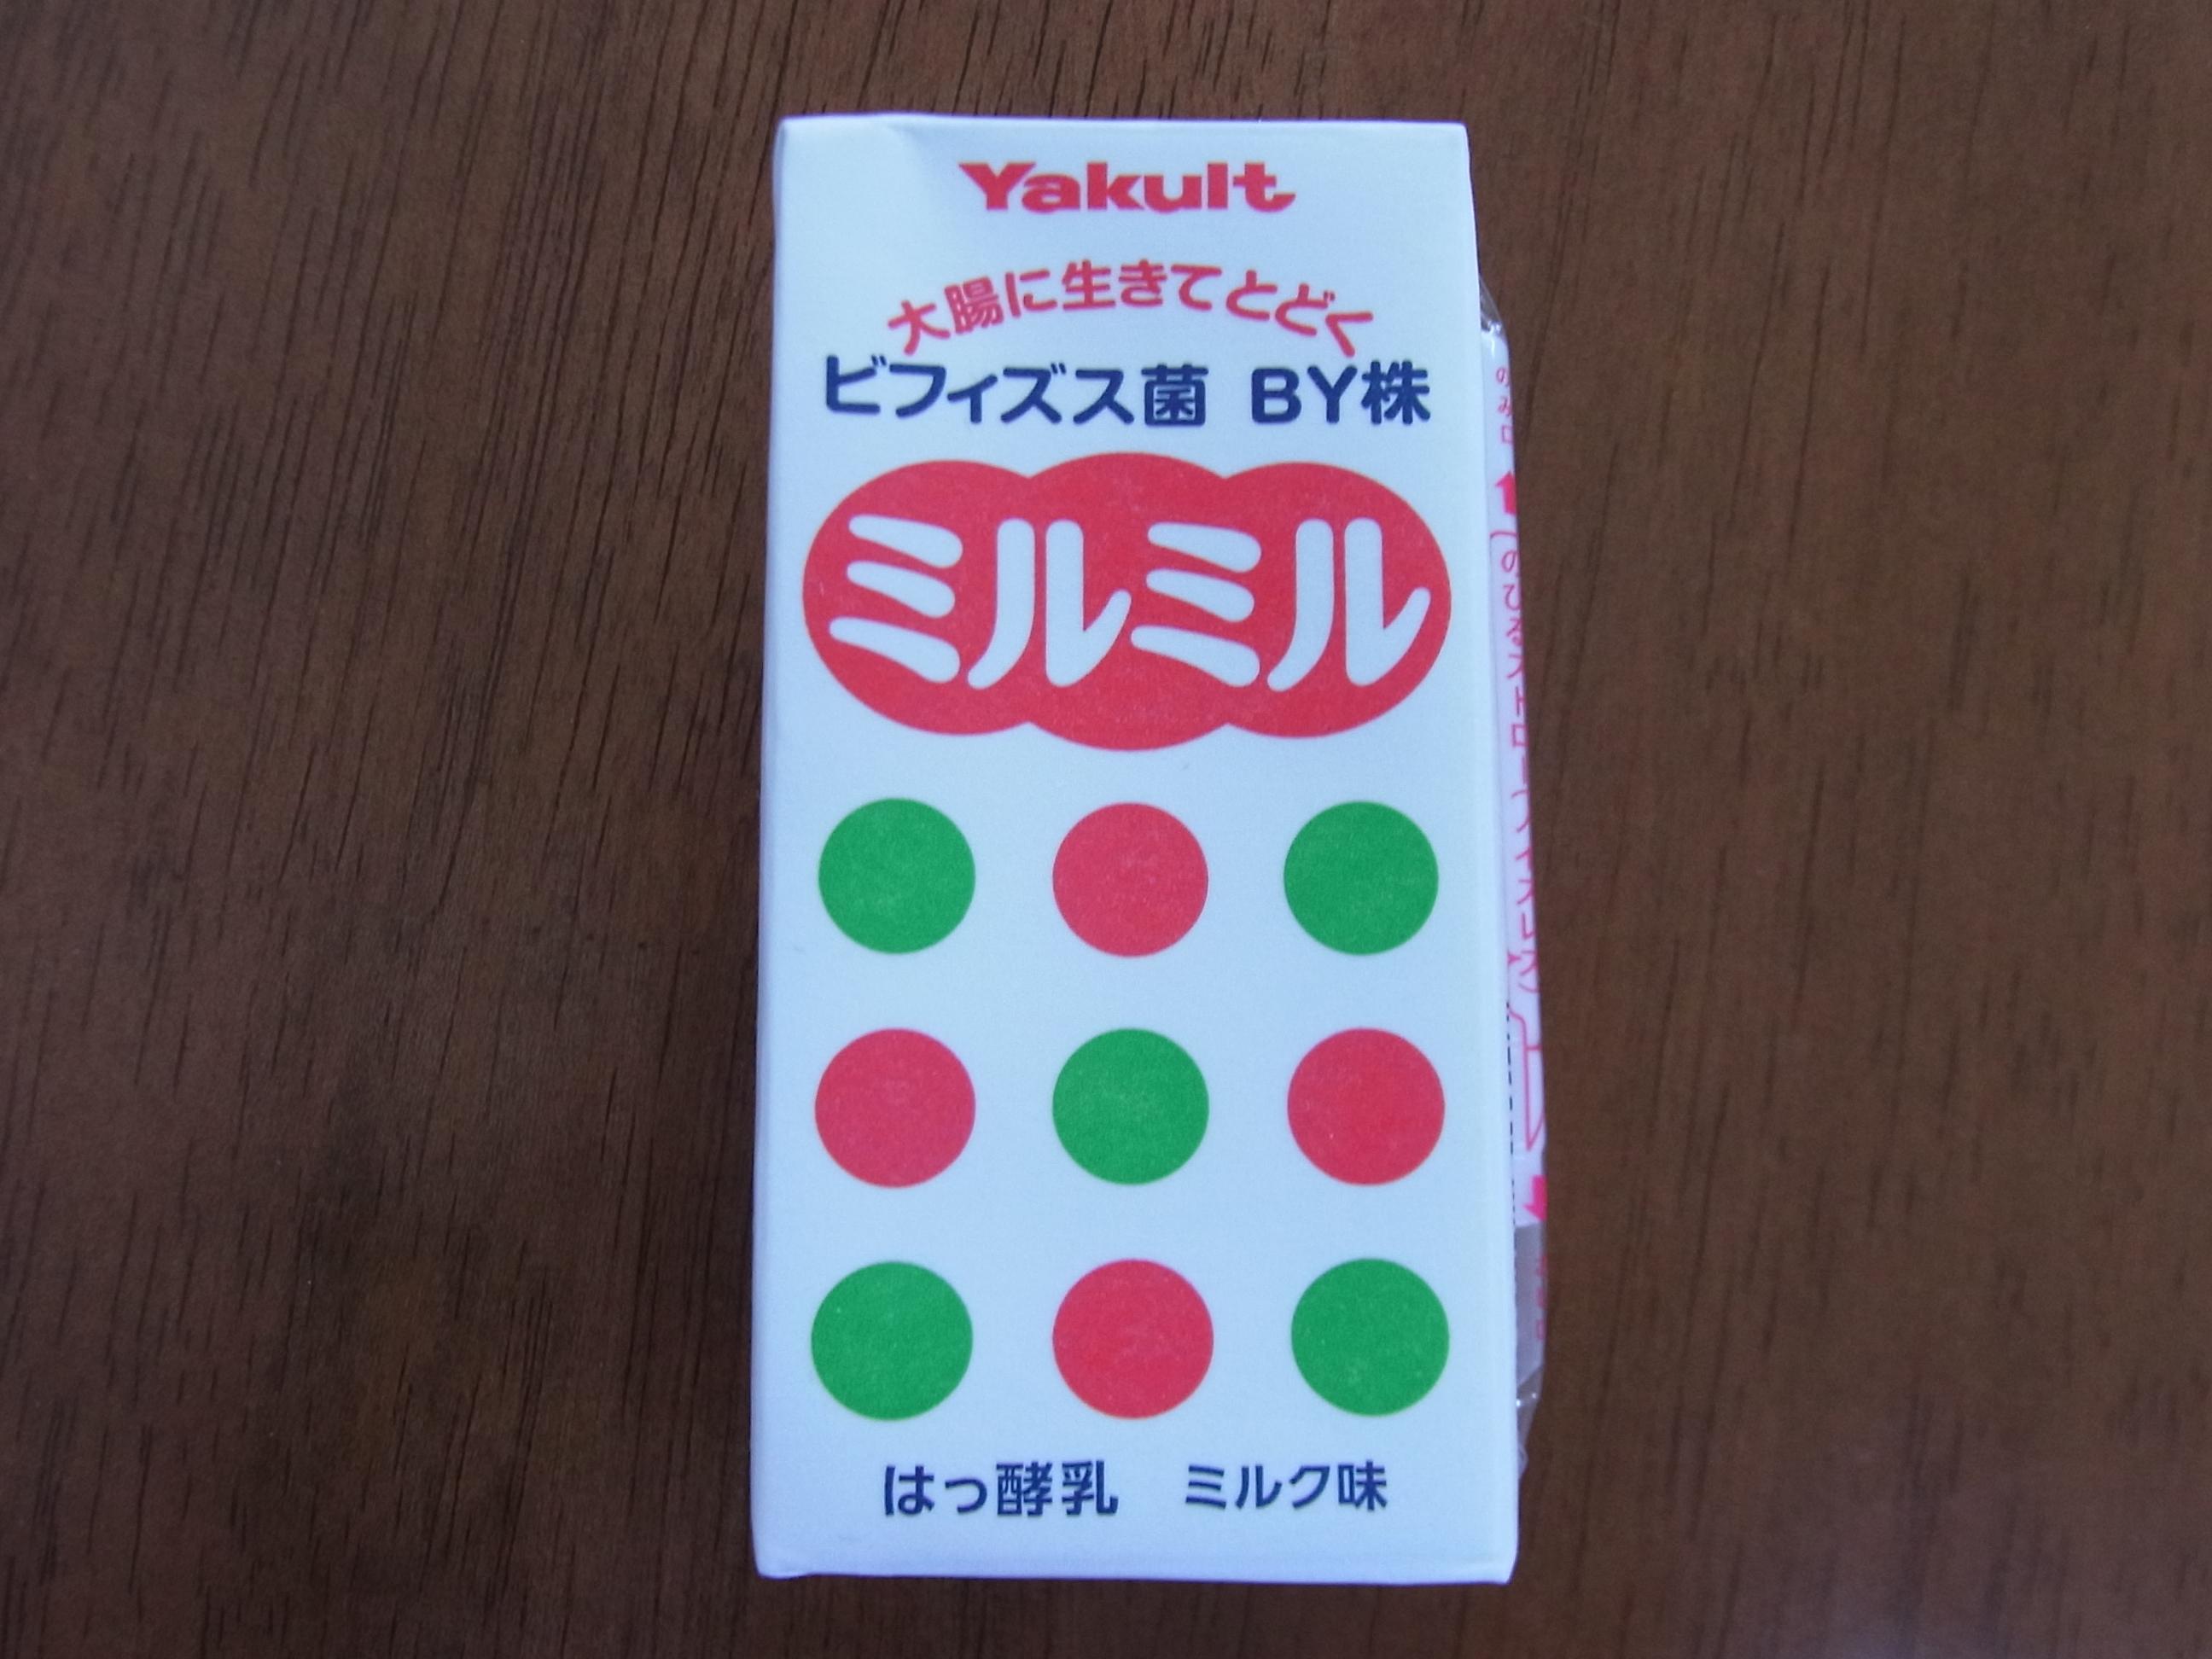 ヤクルトミルミルのパッケージ